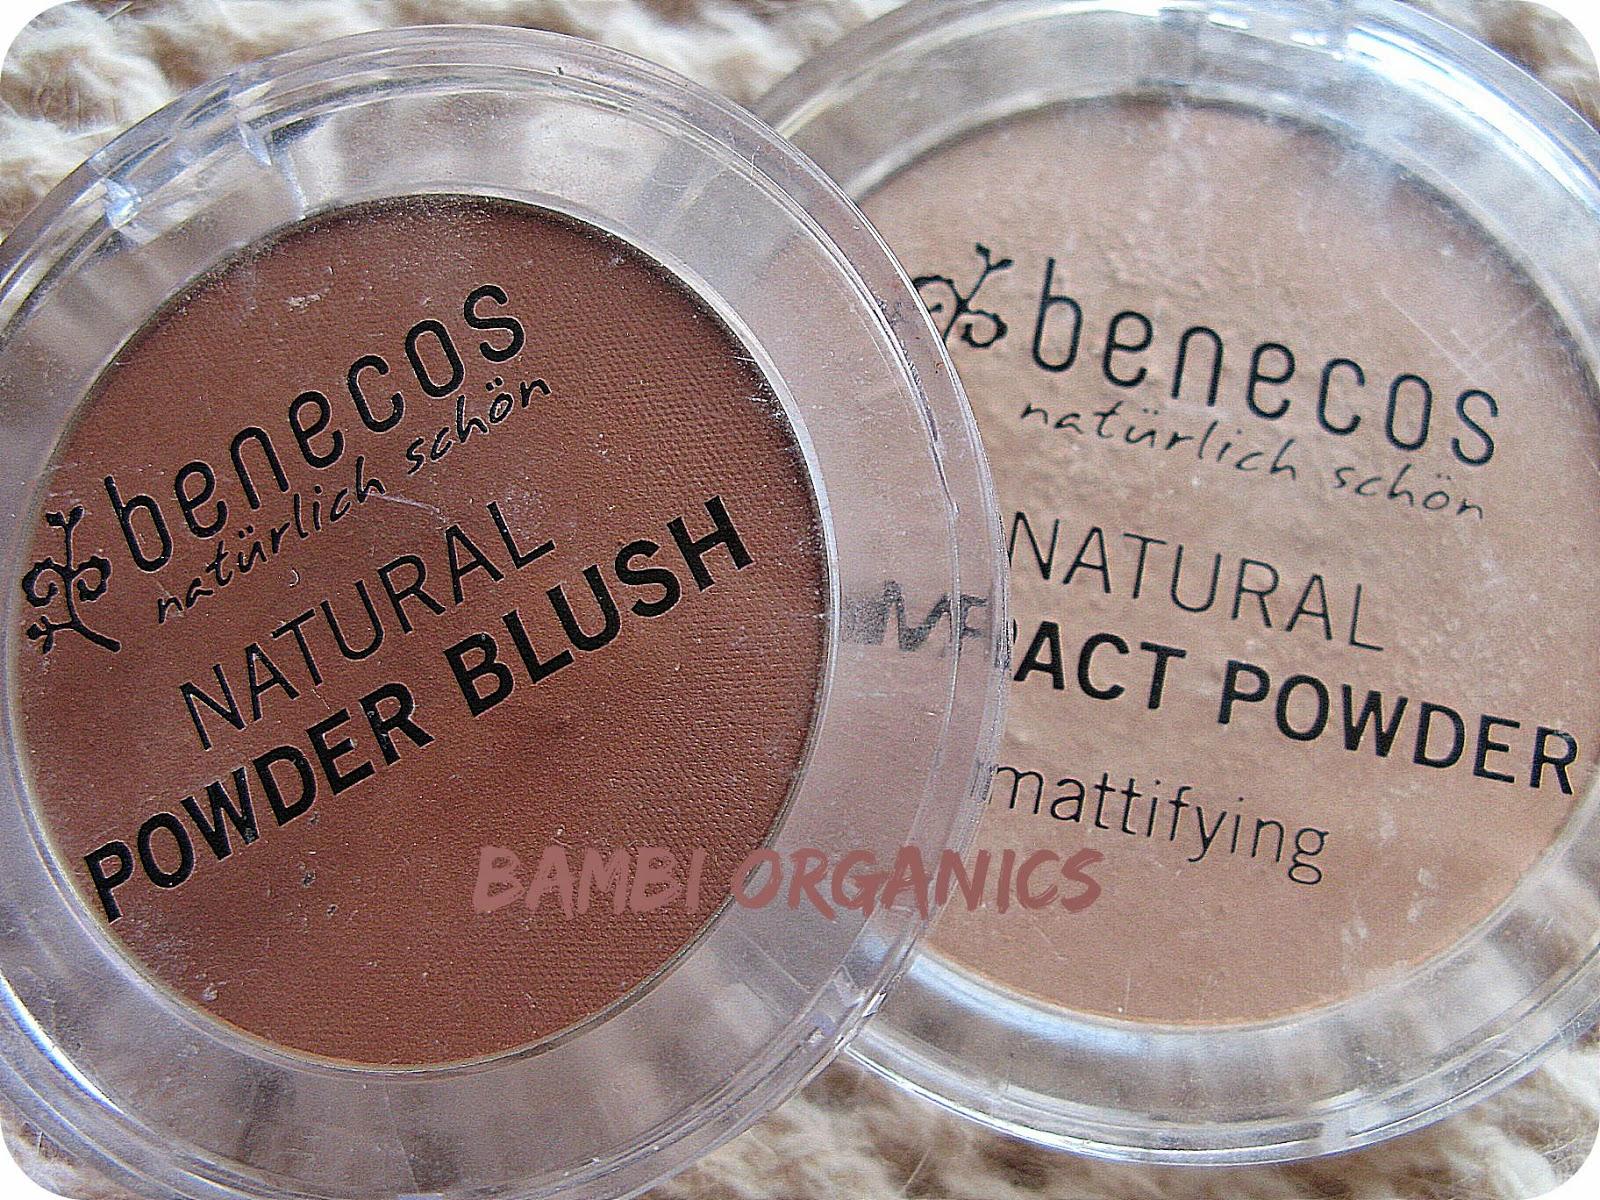 Bambi Organics Benecos Cipria E Blush Compact Powder 09 Ottobre 2013